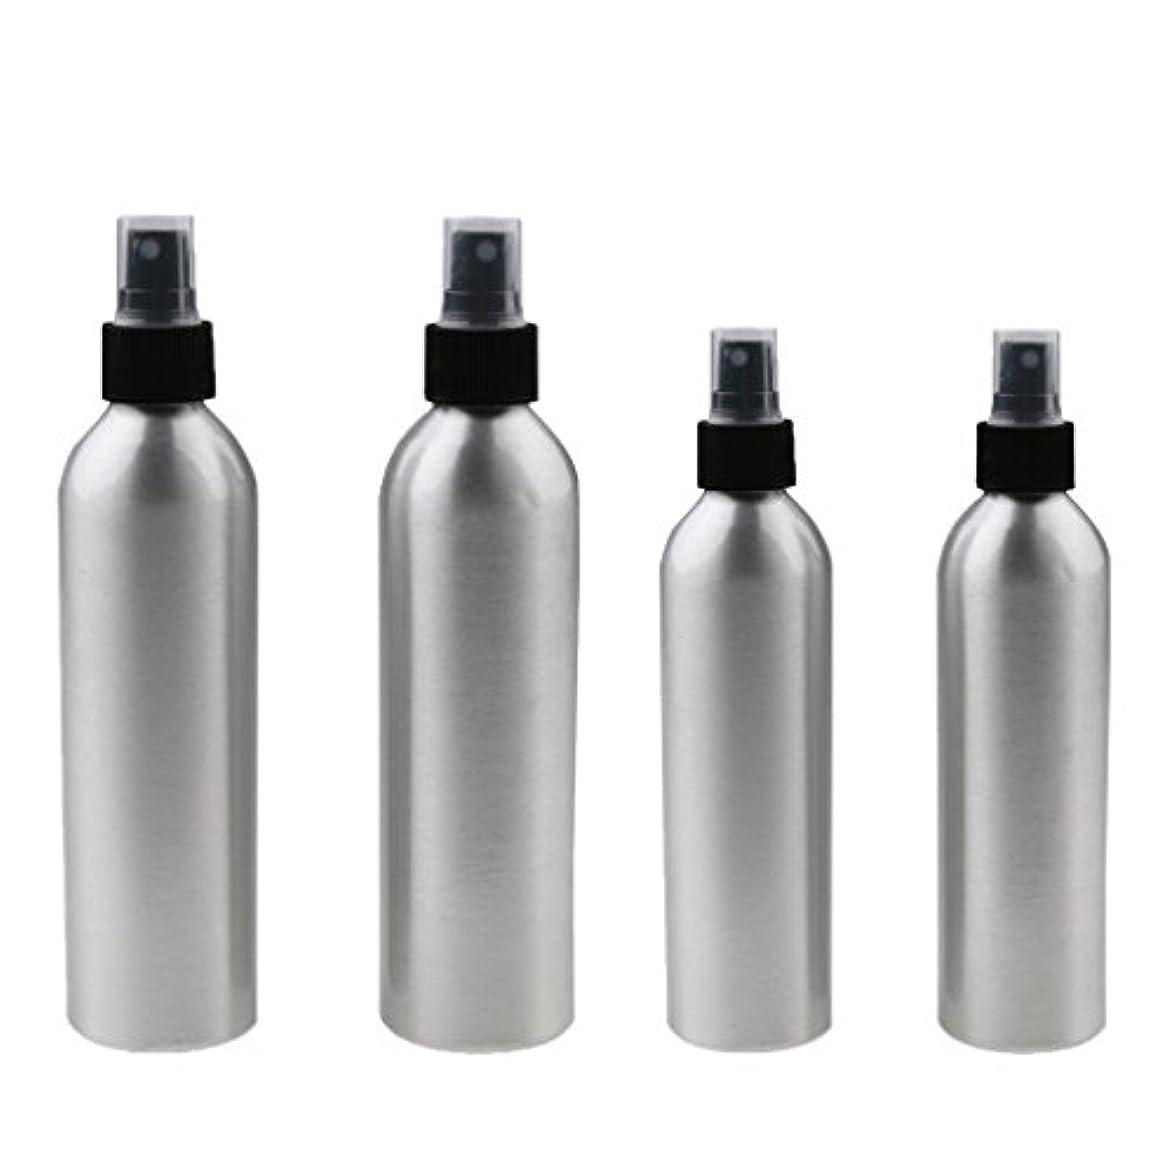 汚物フリッパードアミラーKesoto 4本入り スプレーボトル 100mlと150ml各2本 アルミミスト スプレー 香水 ボトル スプレーアトマイザー